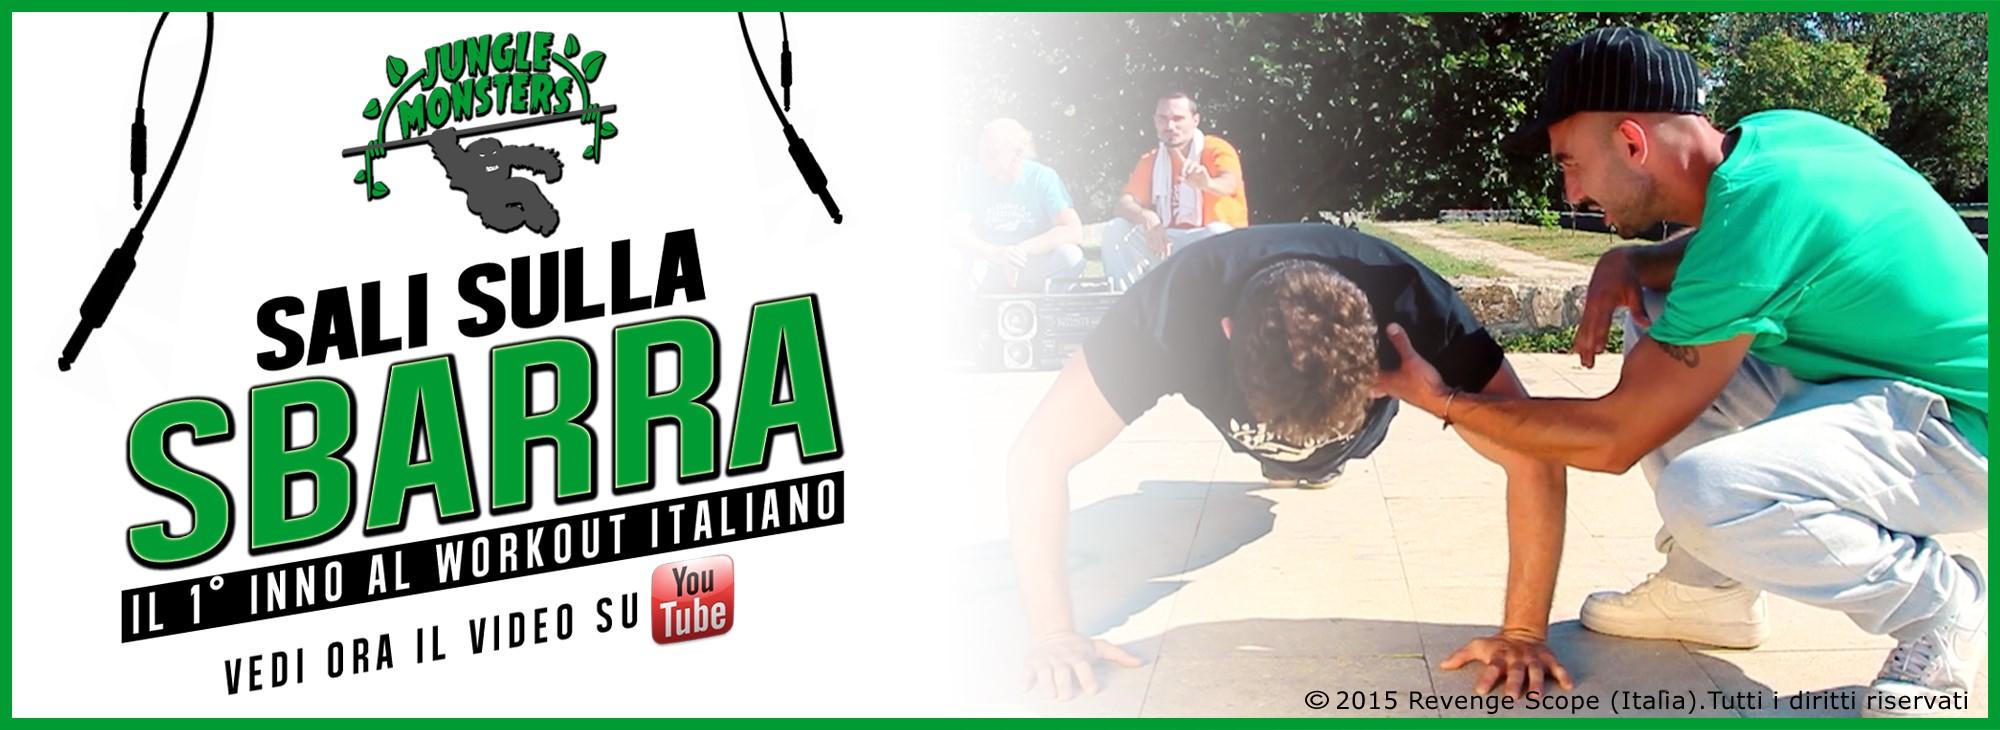 """Il 1° inno al workout italiano: """"Sali sulla sbarra!"""""""